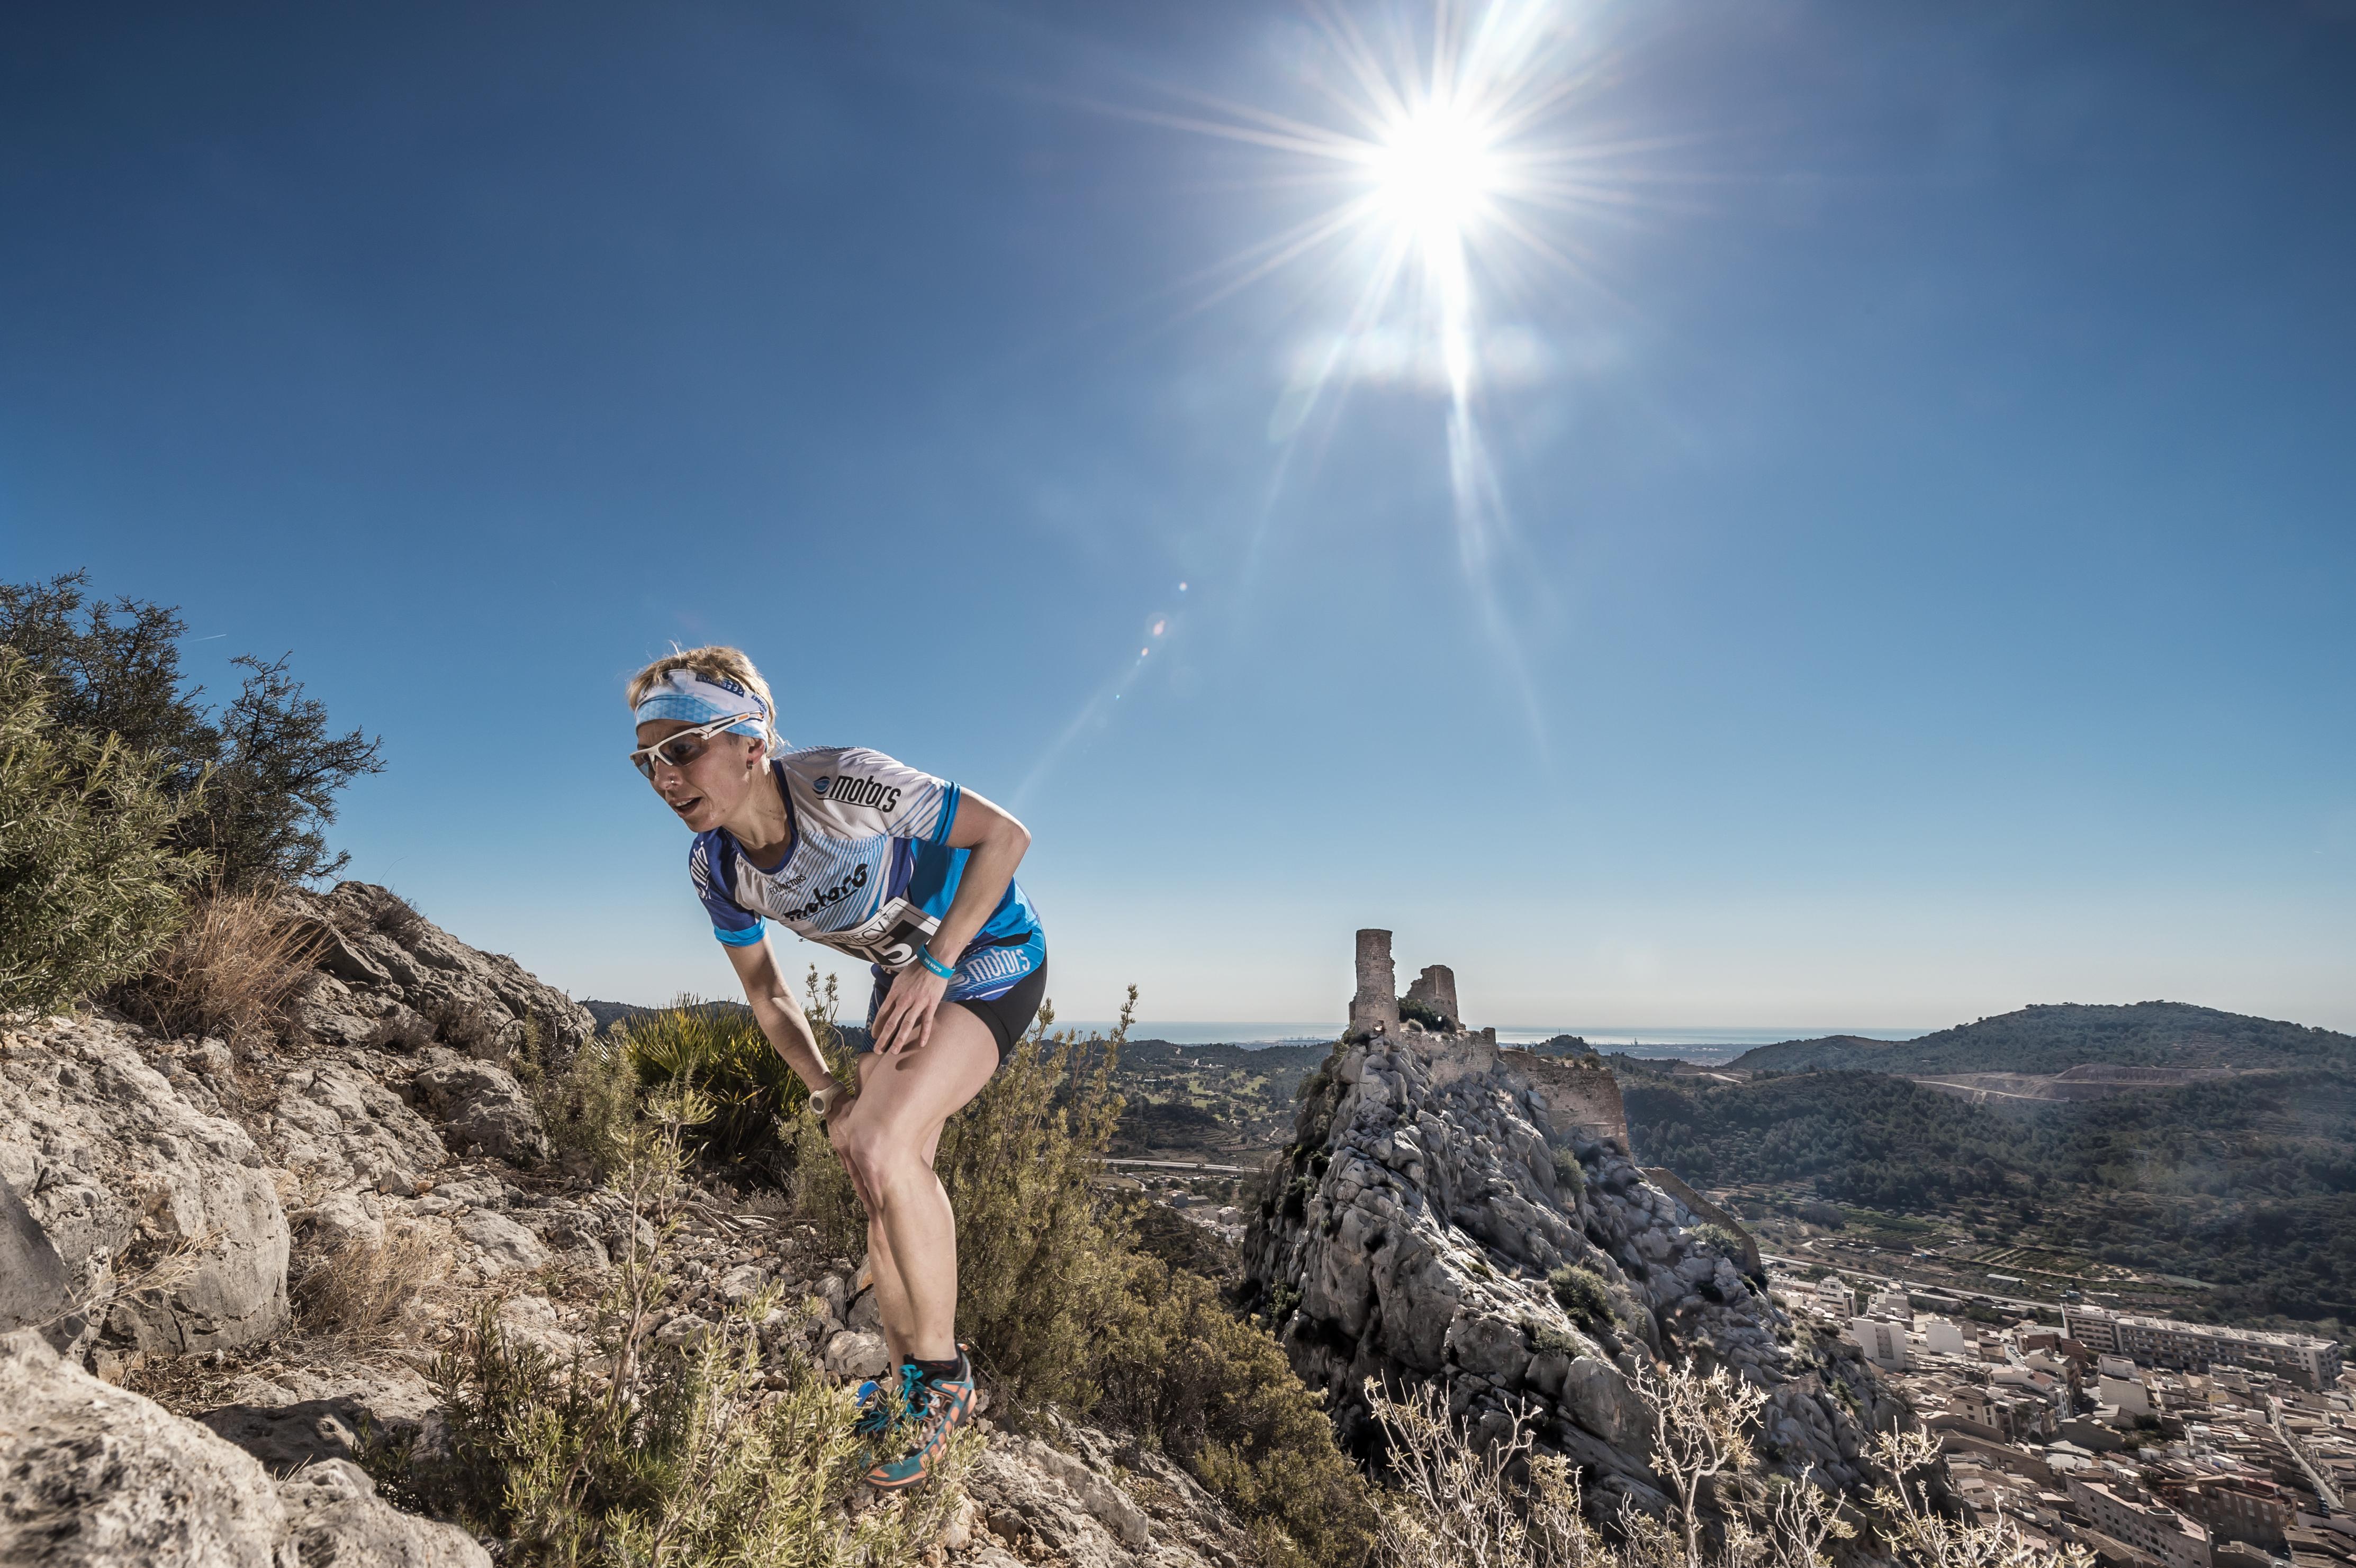 Entrevista a Lluís Pallarés, organizador de la Marató de Borriol